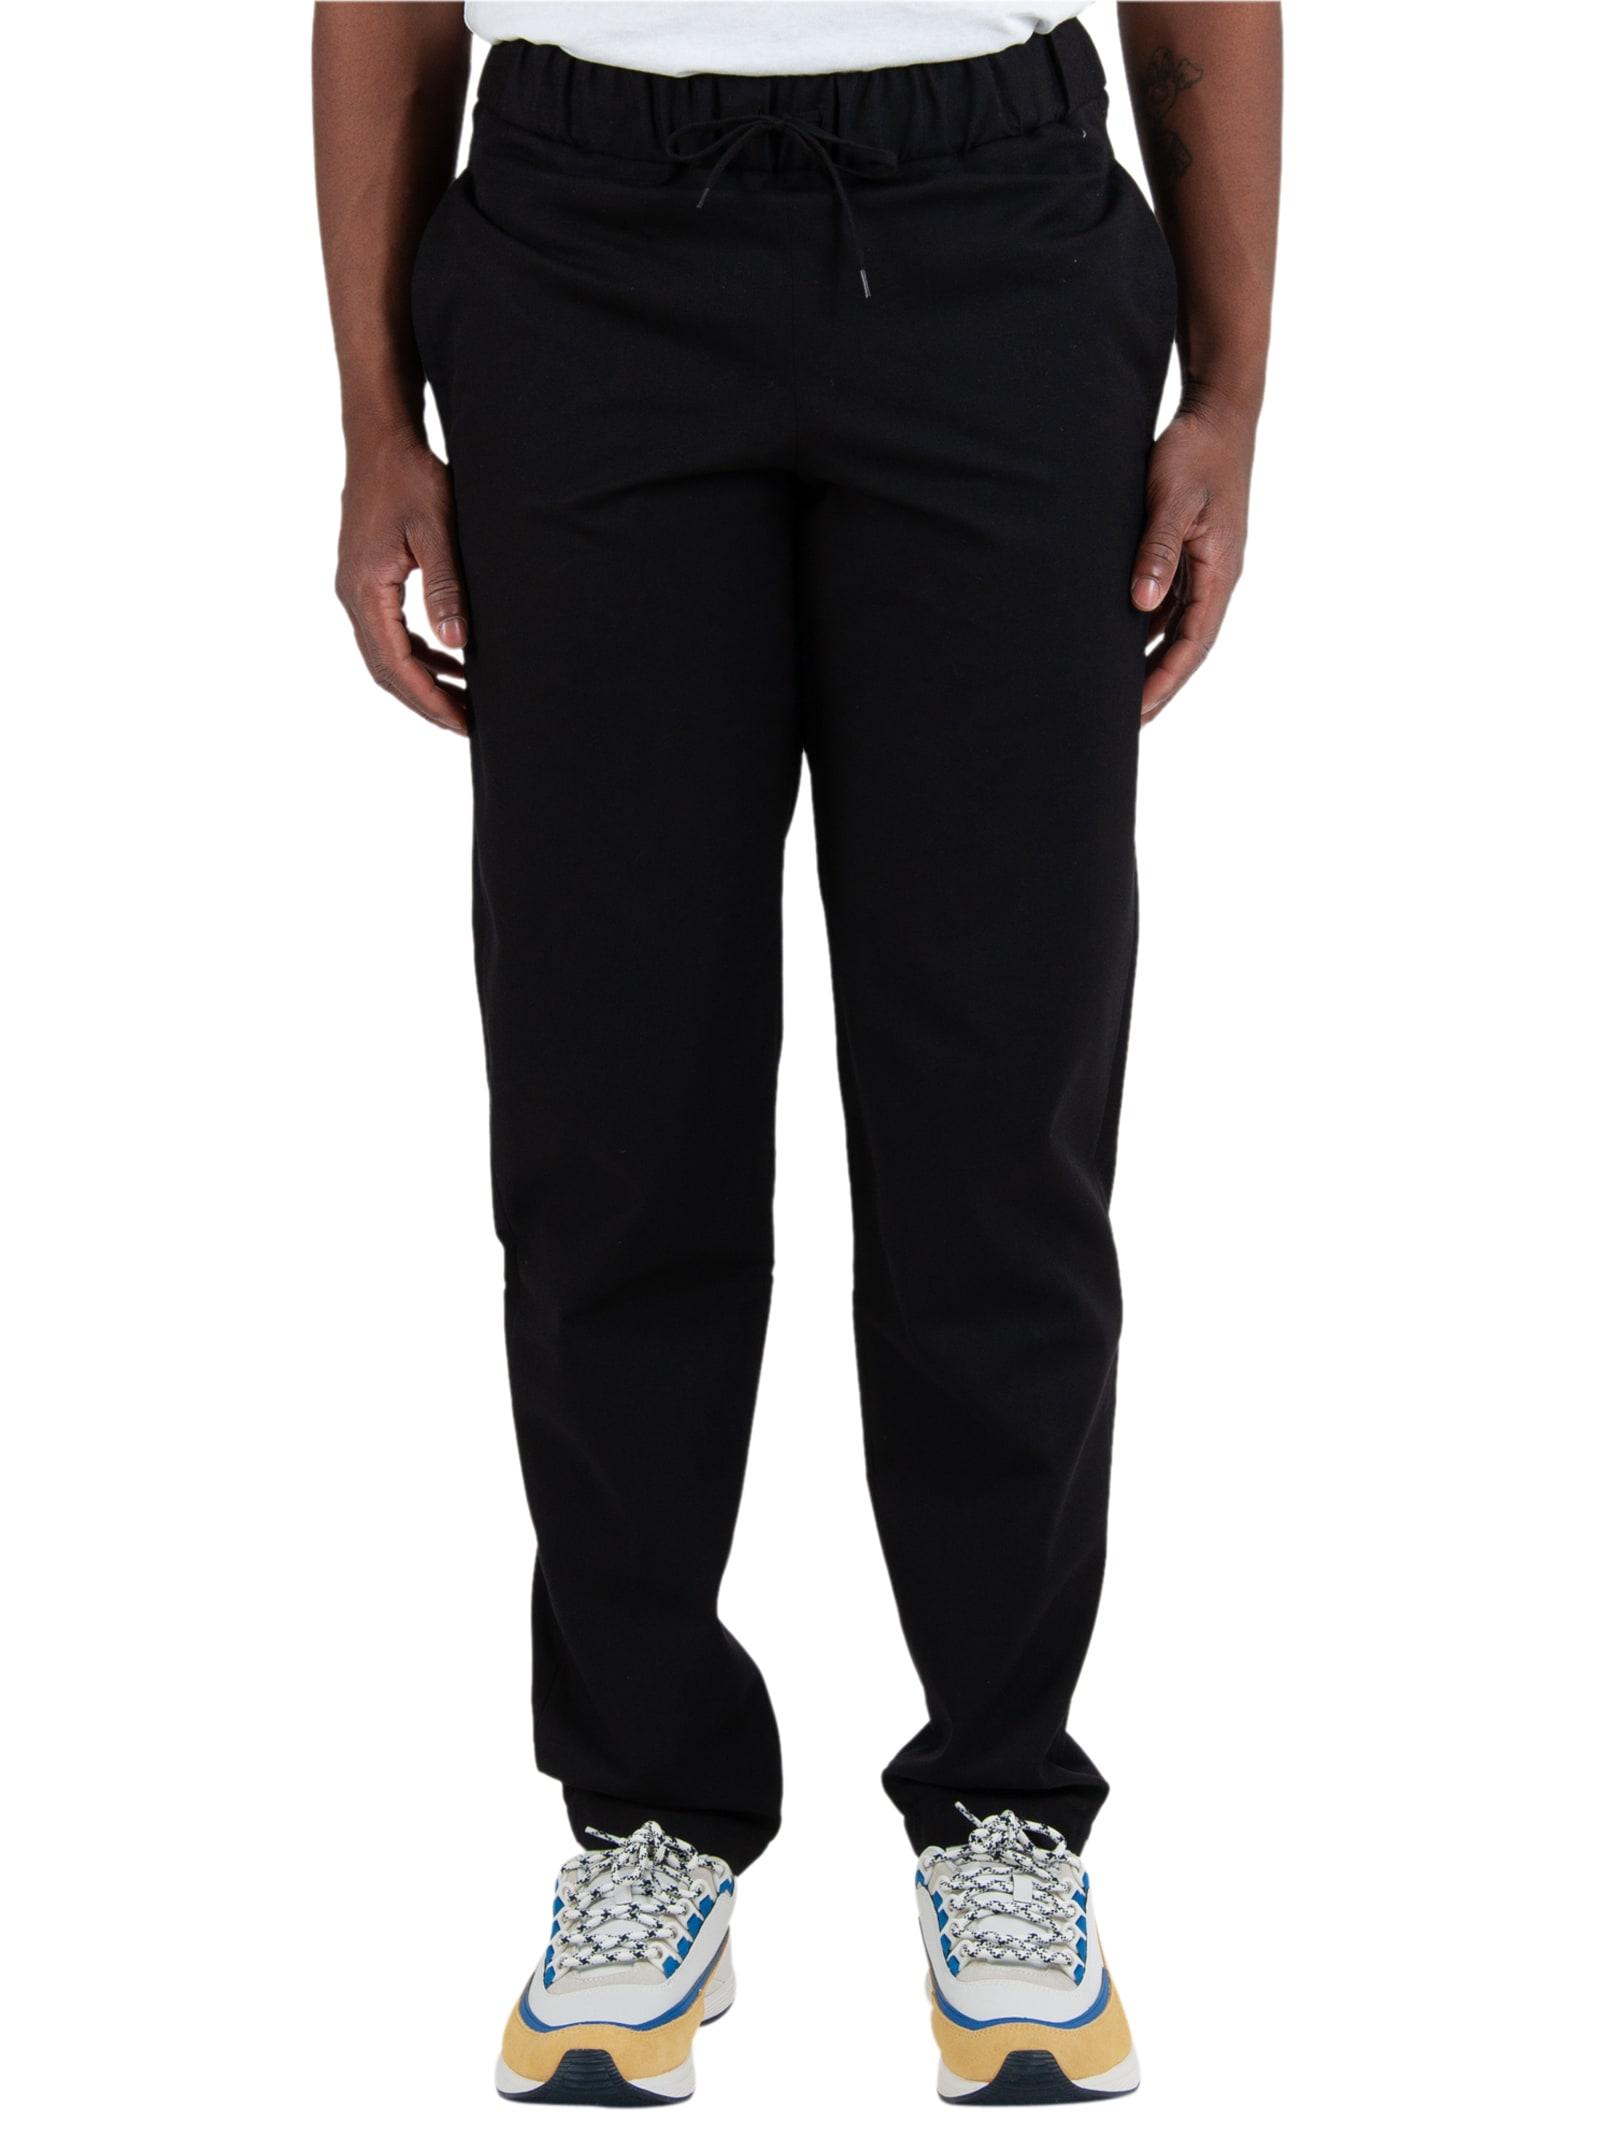 Pantalon Kaplan - Noir